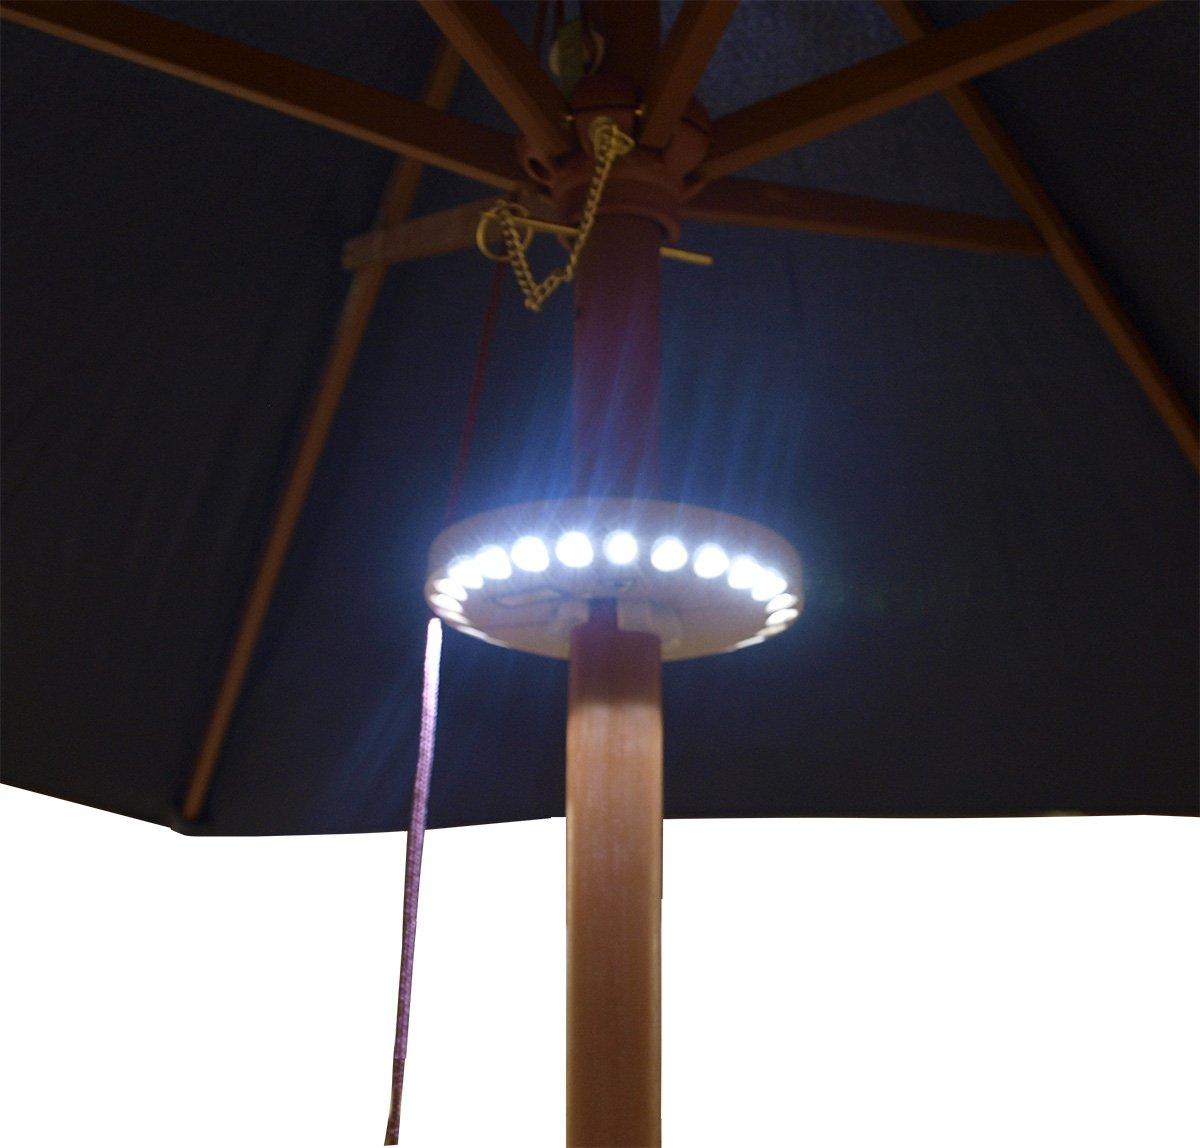 Sonnenschirmbeleuchtung mit 24 LED, Schirmstock 44-50mm, Batteriebetrieb, Farbe braun jetzt kaufen